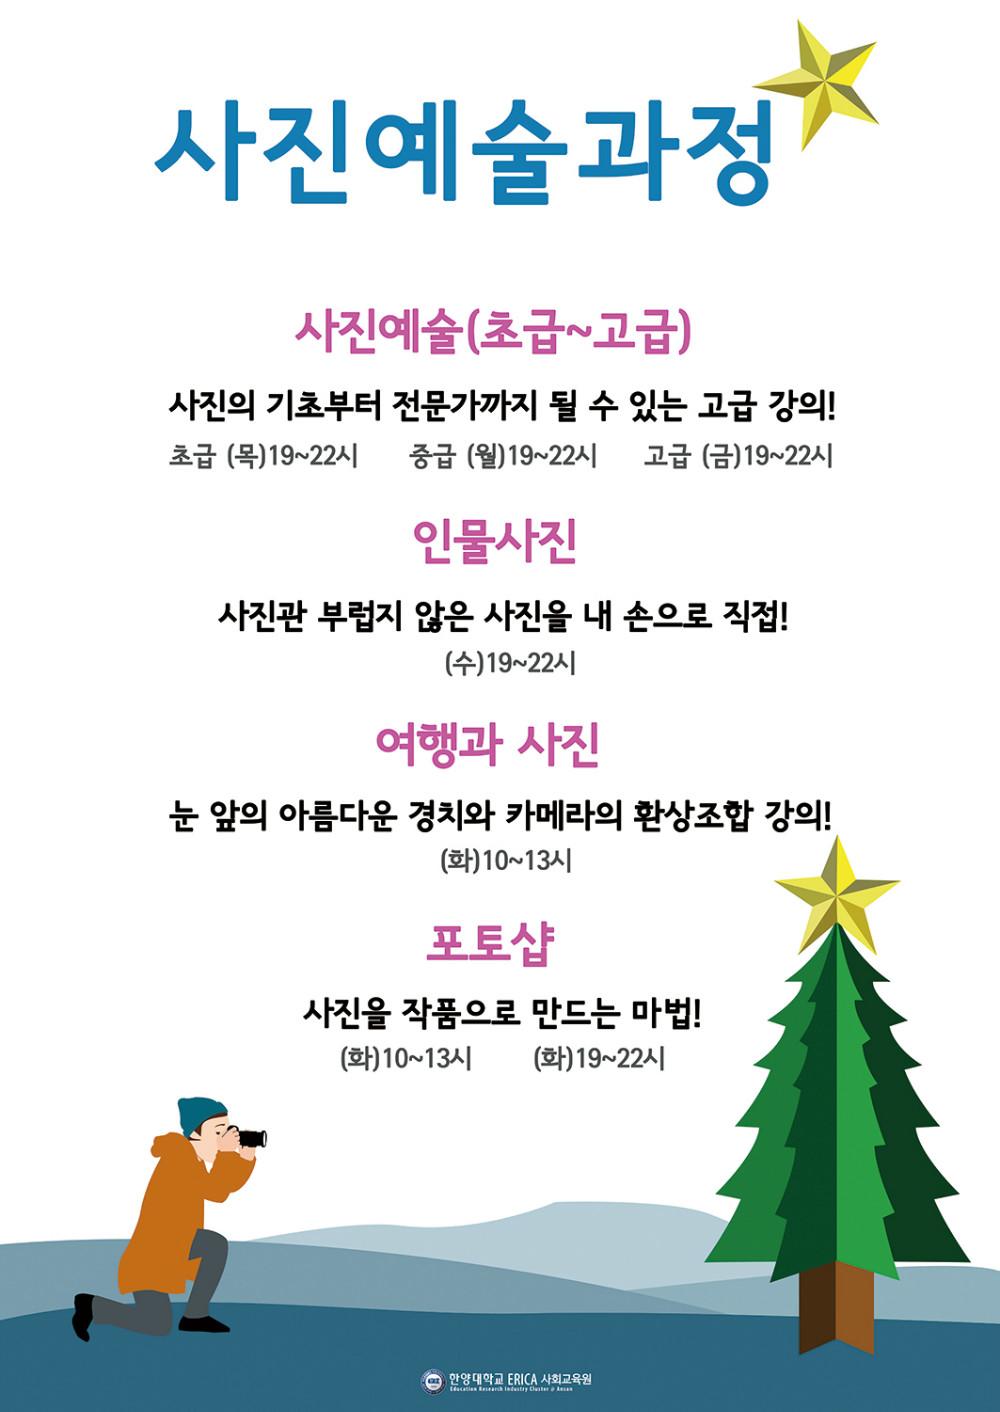 2017겨울 사진예술(작음).jpg